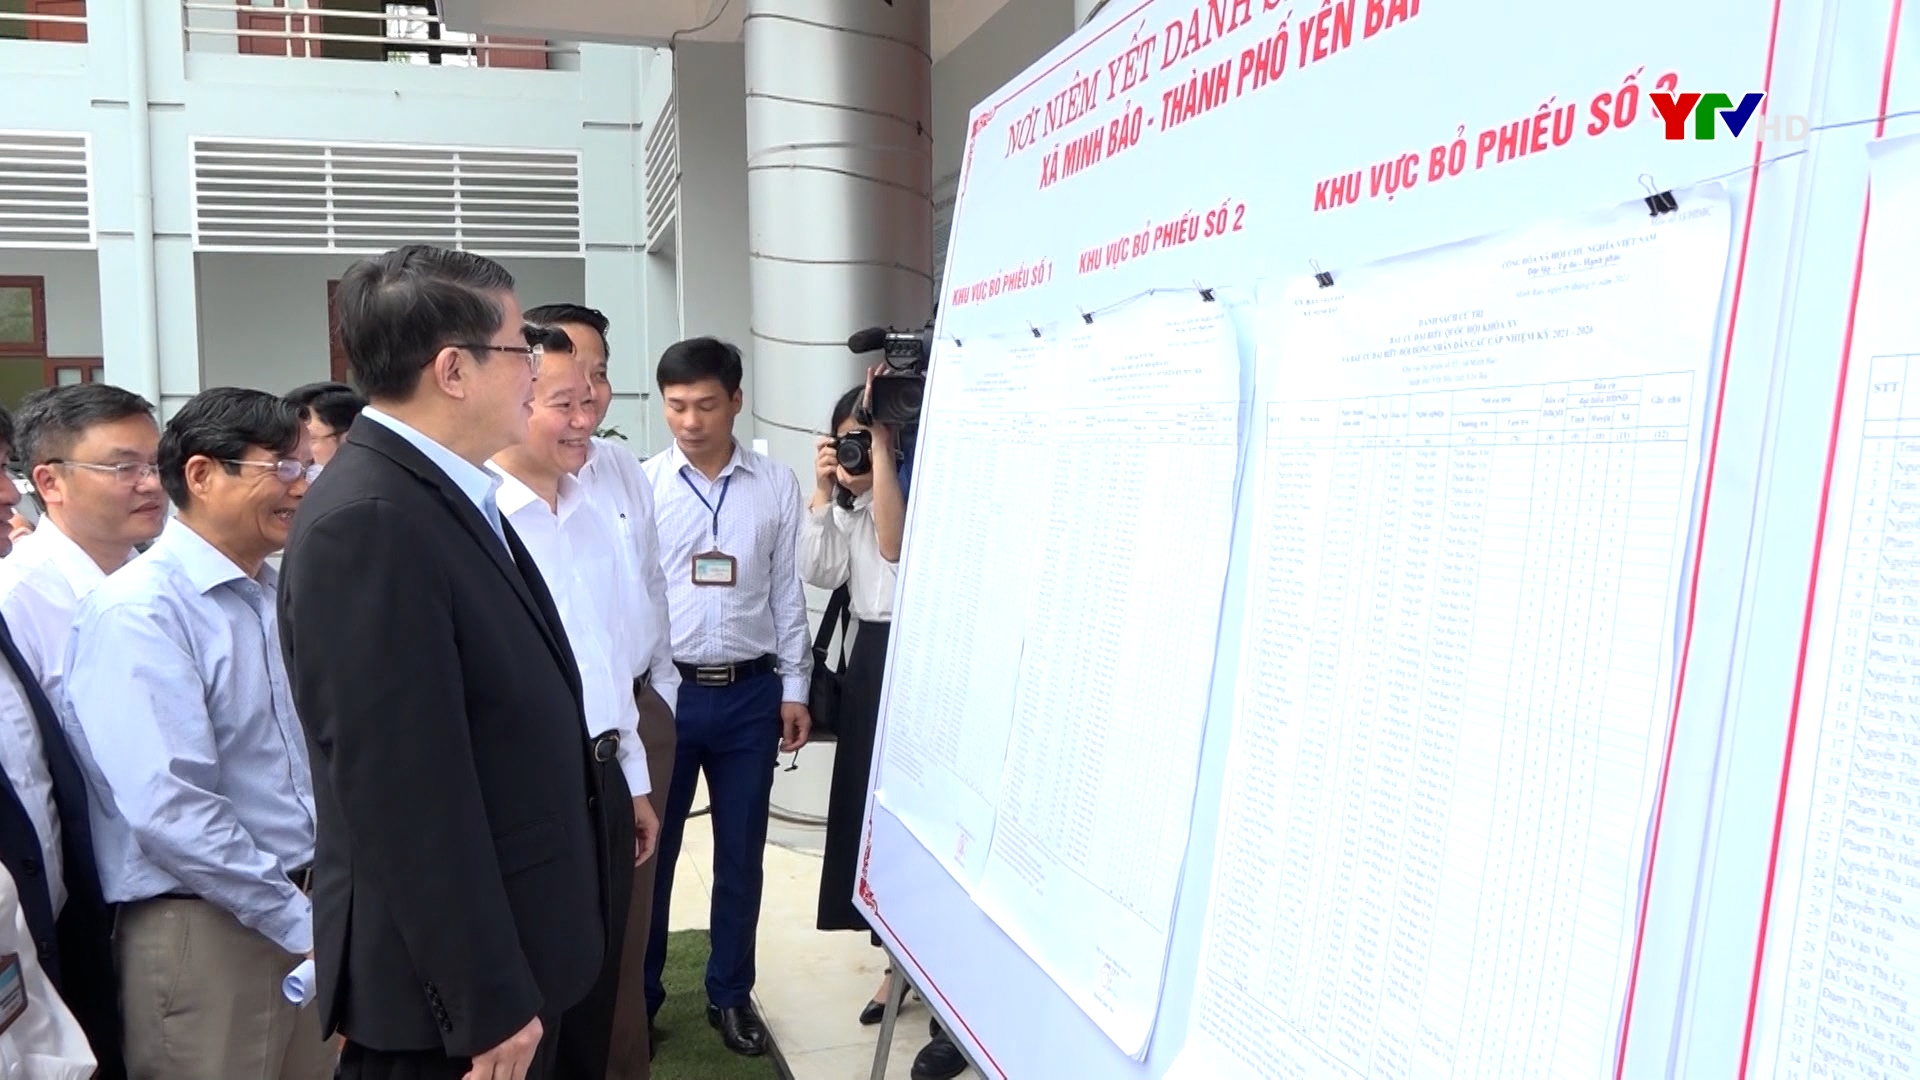 Tỉnh Yên Bái ấn định 1.154 khu vực bỏ phiếu bầu cử